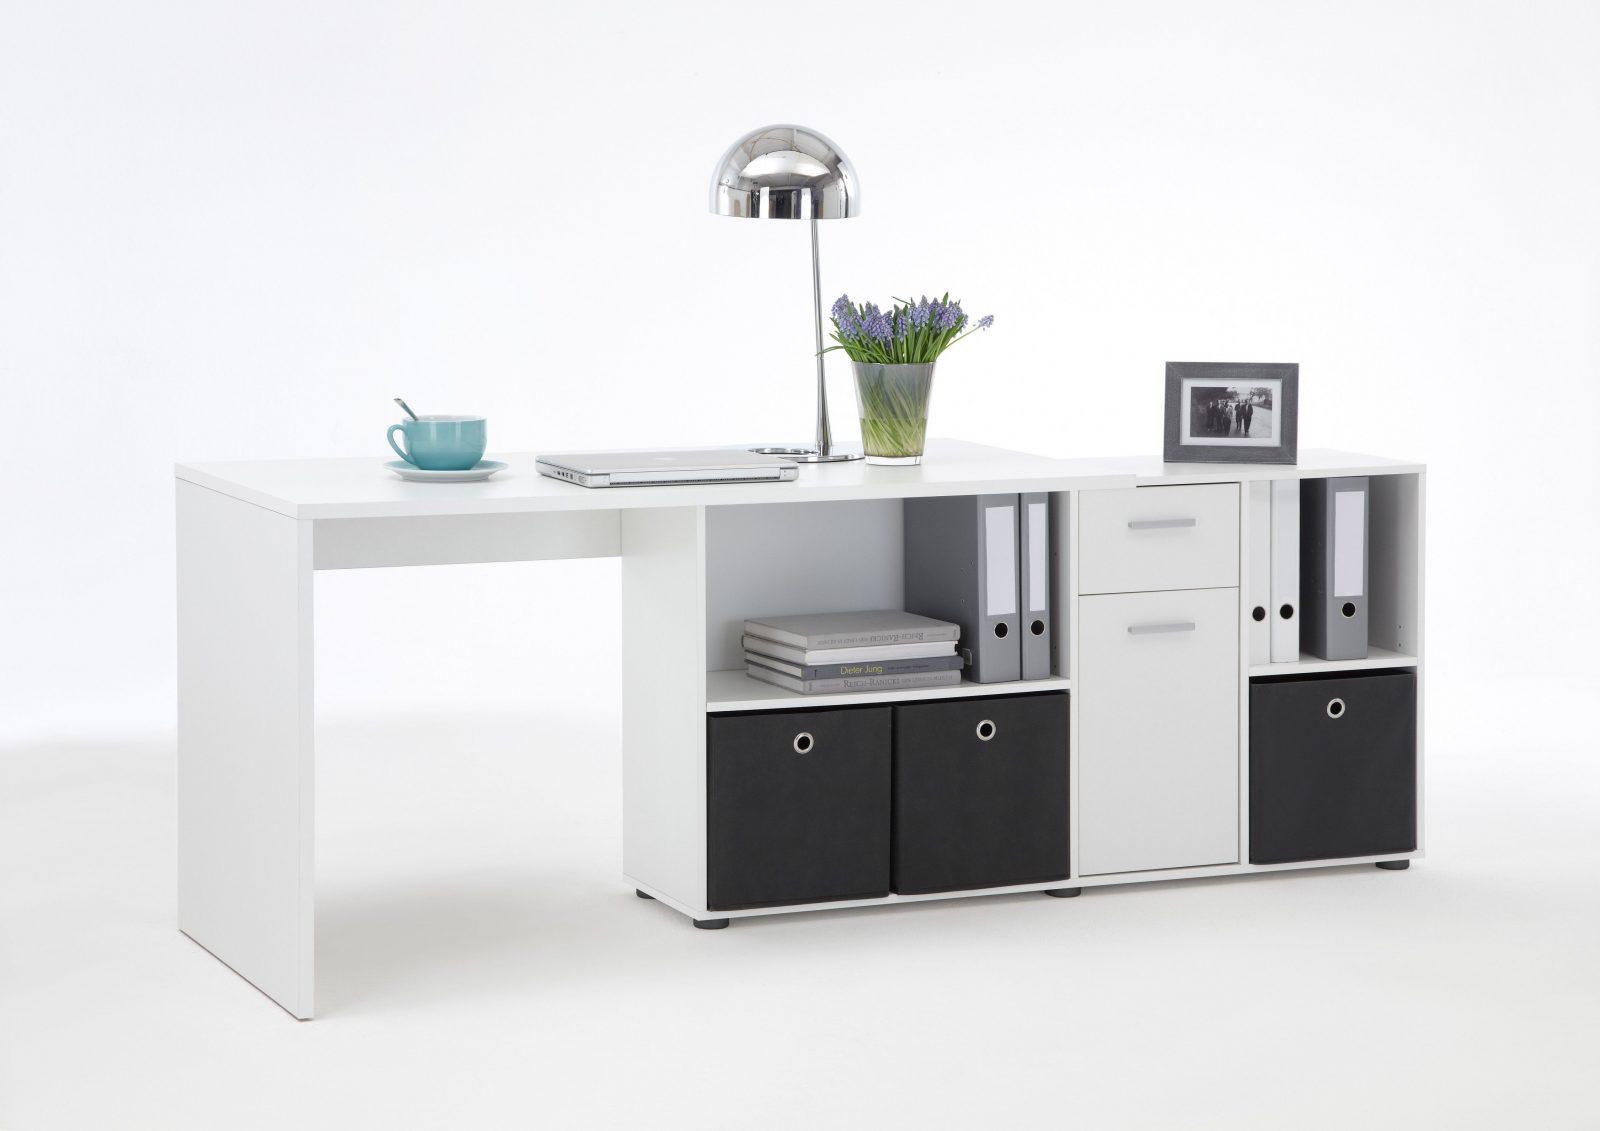 Sideboard Mit Schreibtisch  Wohndesign Ideen von Sideboard Mit Schiebetüren Ikea Photo